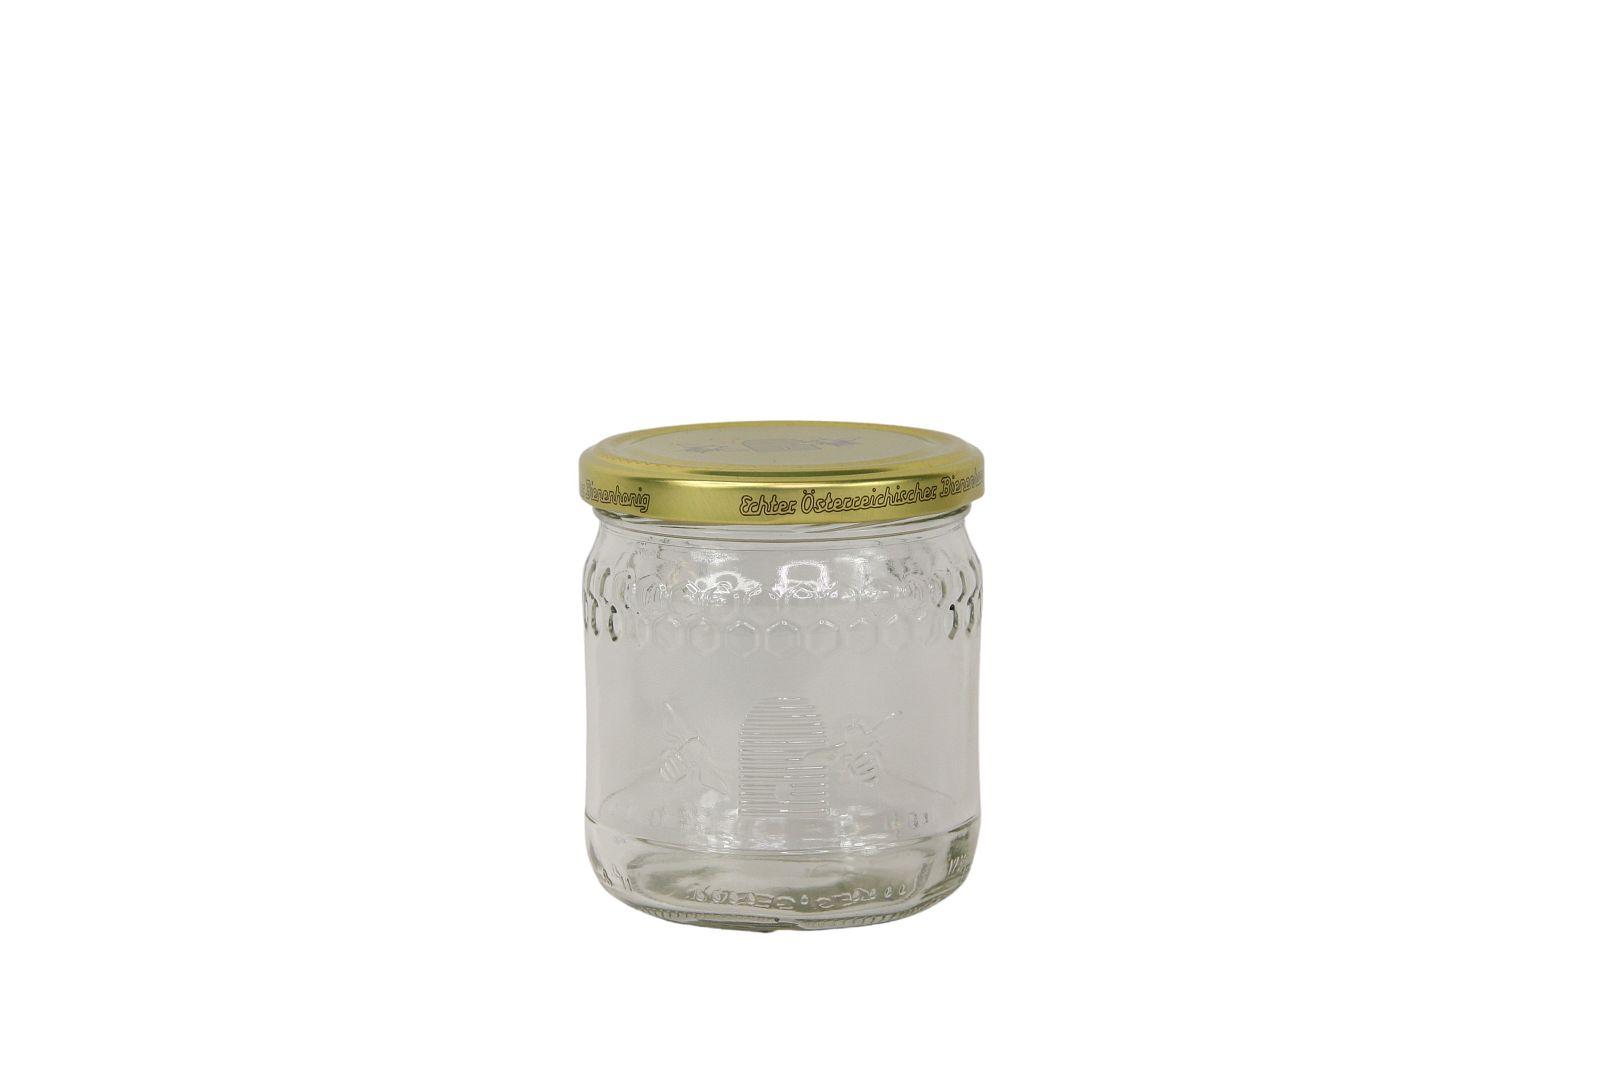 Honigglas 0,5kg ÖIB inkl. Deckel